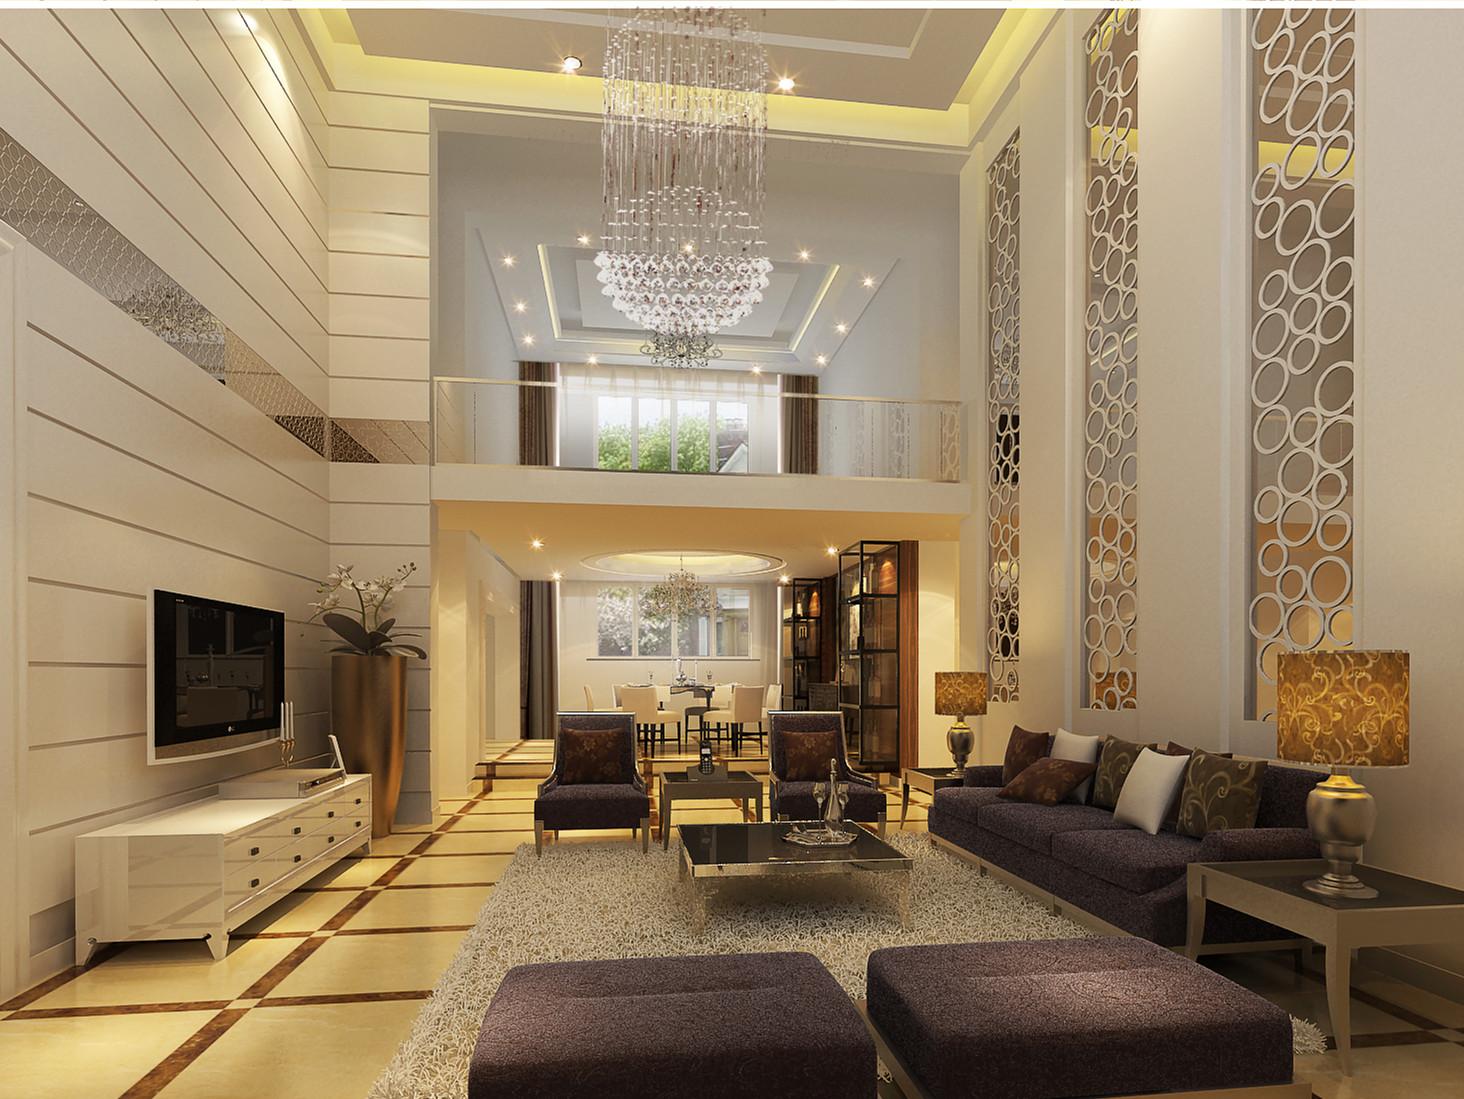 简约 欧式 别墅 80后 小资 客厅图片来自合肥实创装饰李东风在温馨和谐的简约风格装修的分享